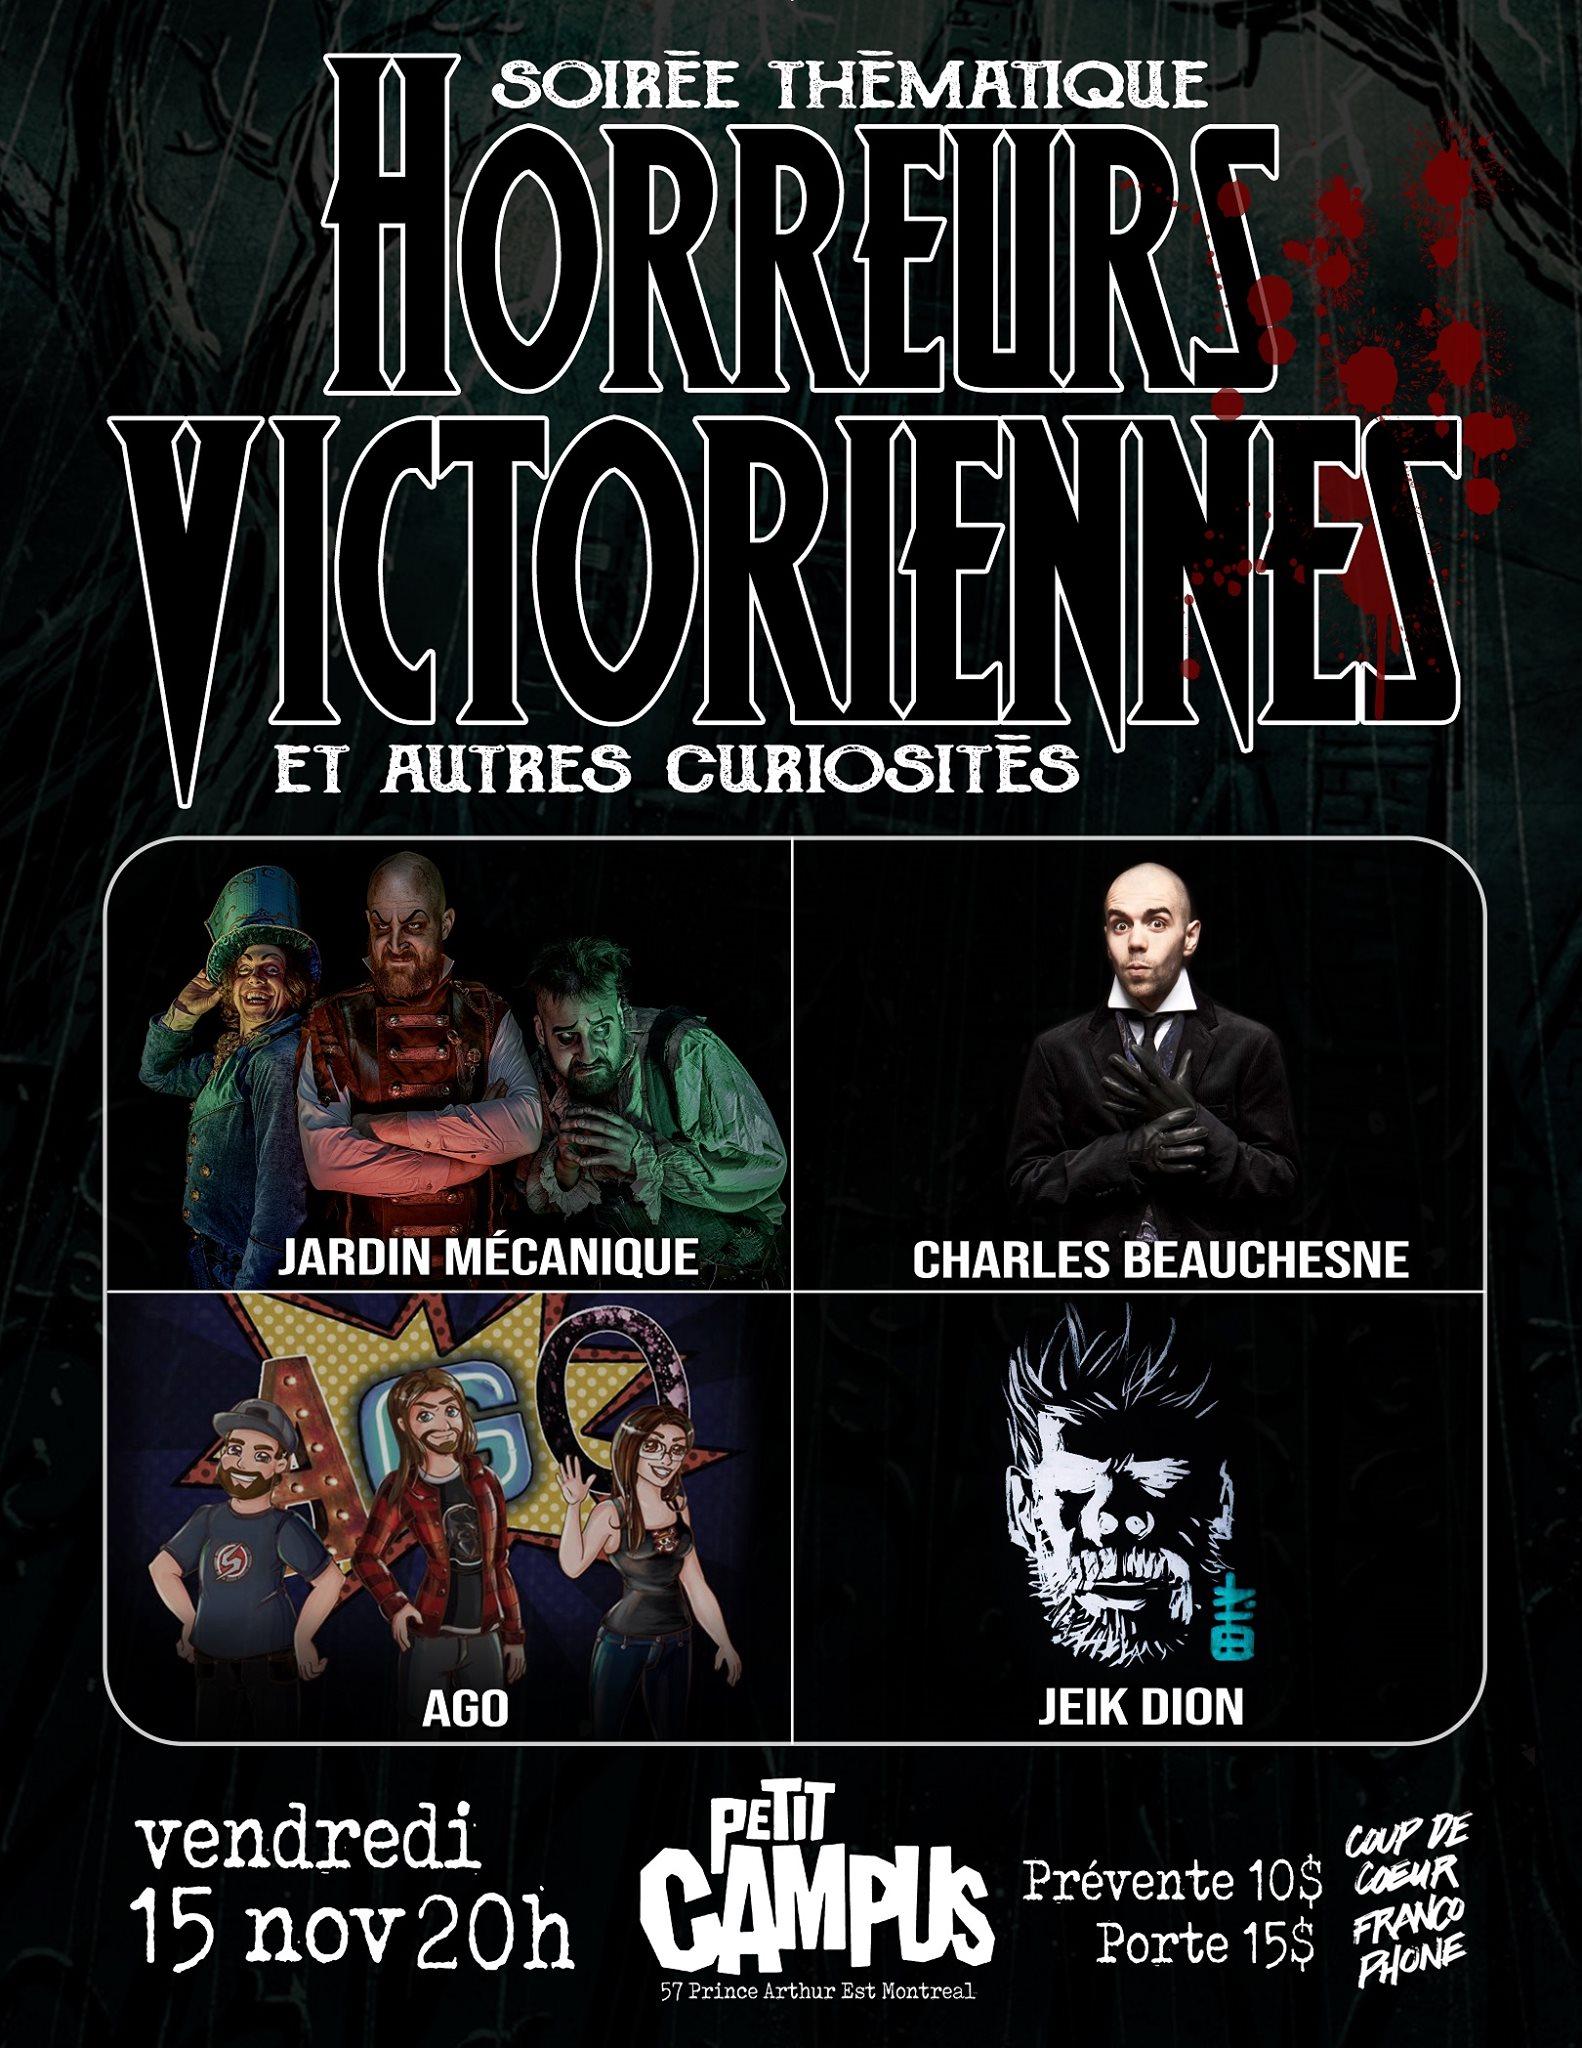 Horreurs Victoriennes et autres curiosités